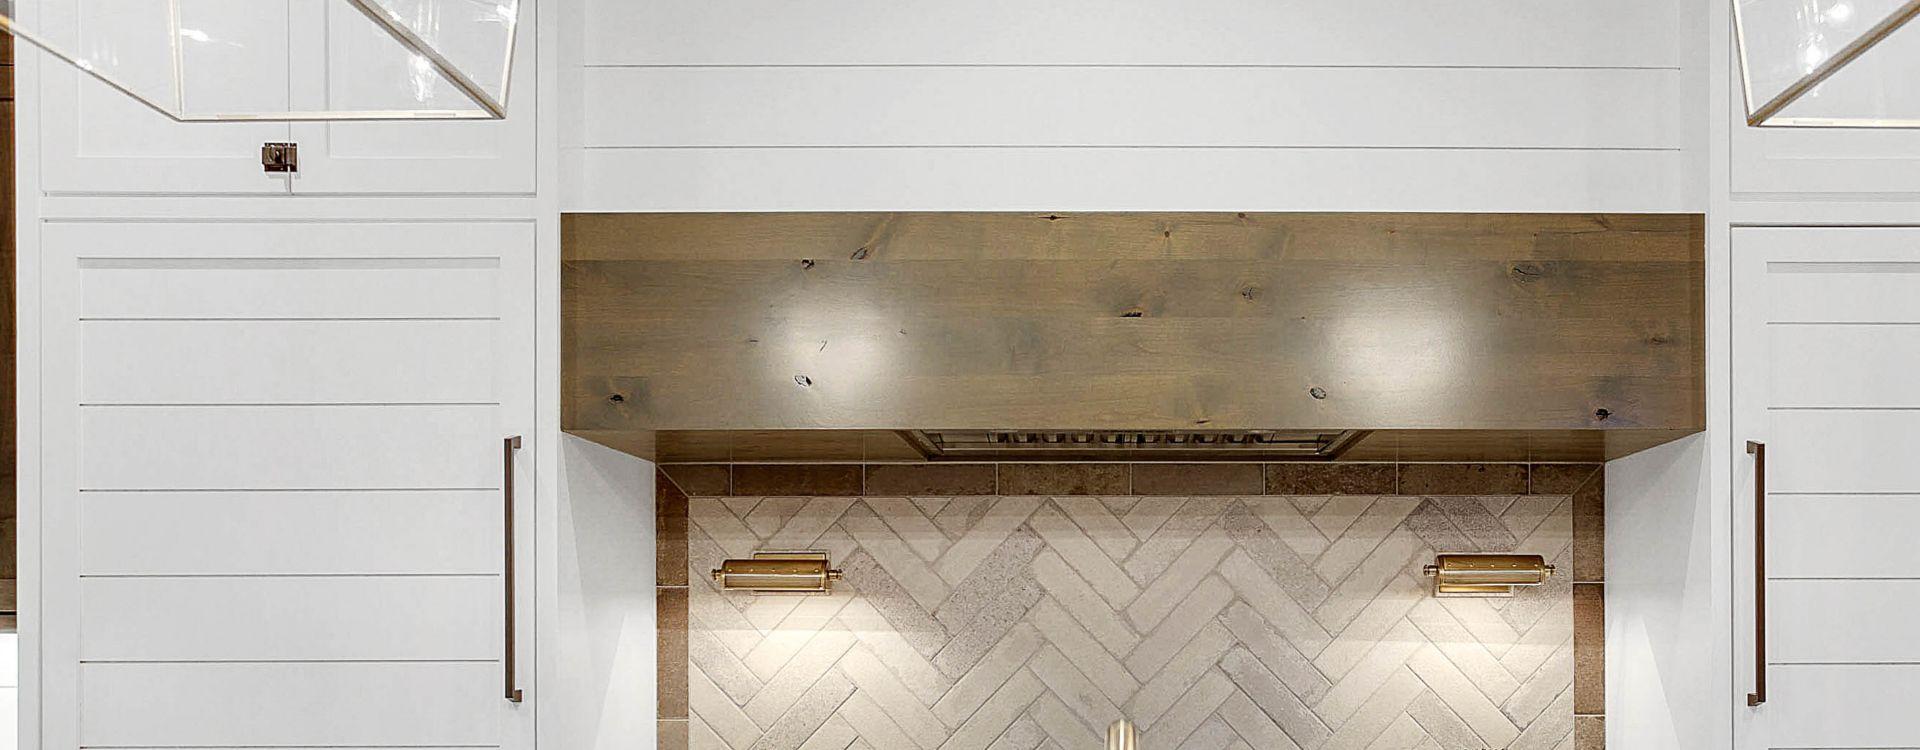 kitchen tile designs trends ideas the tile shop rh tileshop com